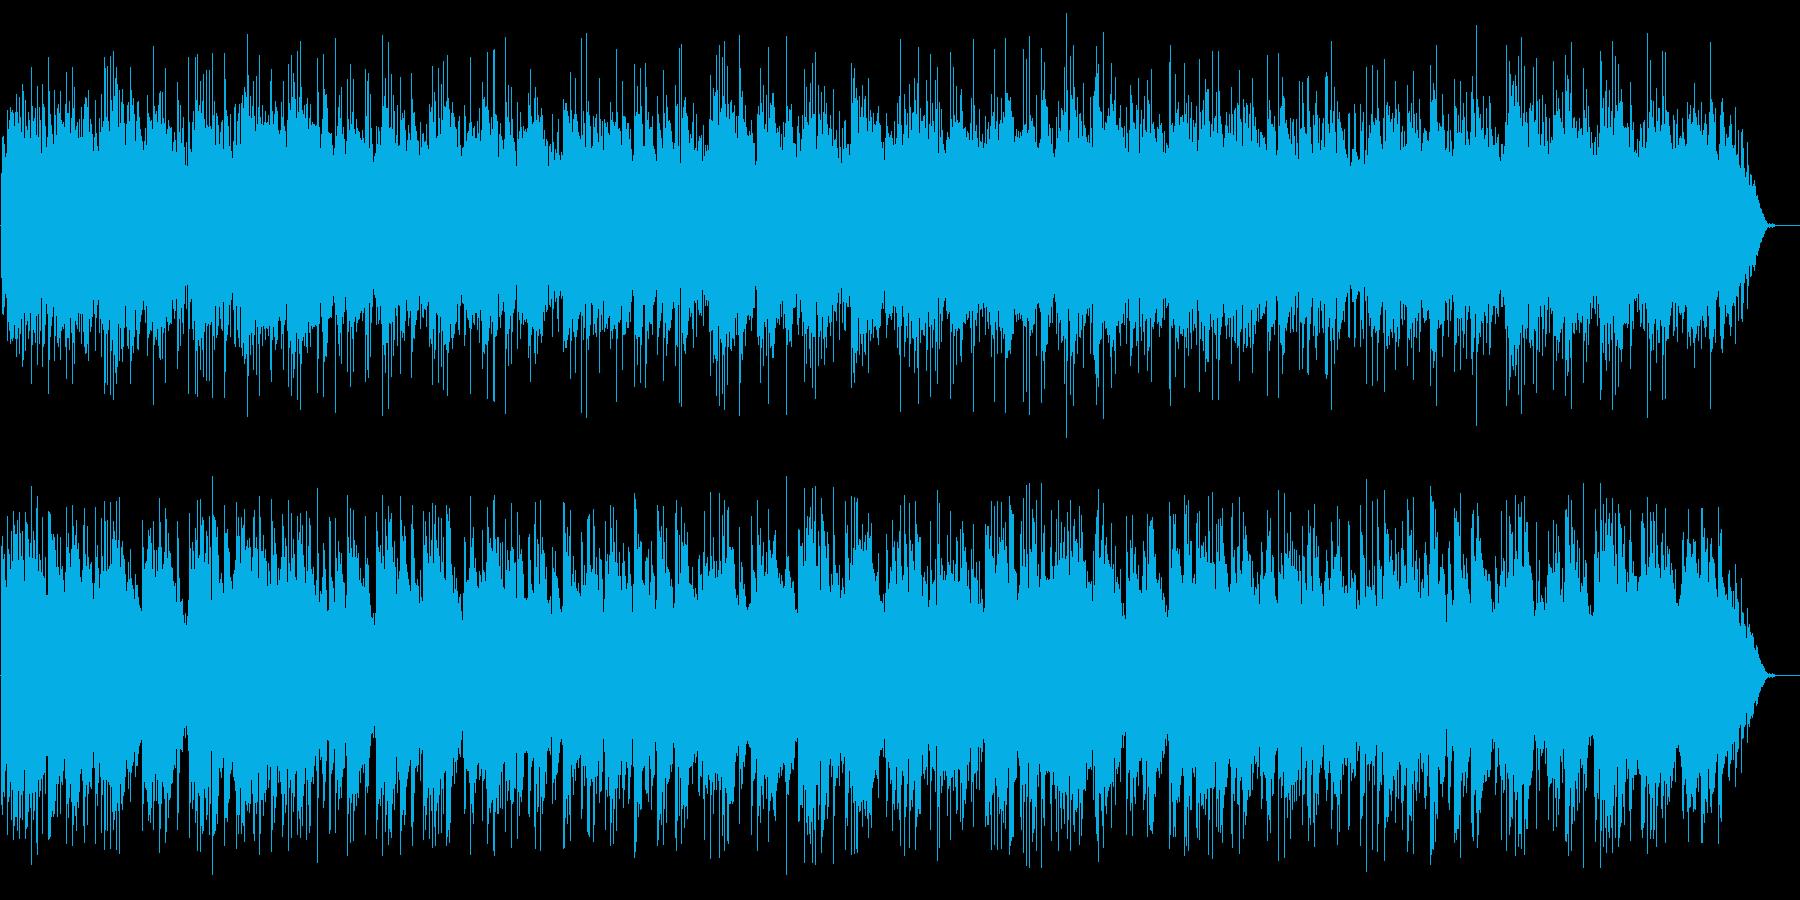 ゆったり爽やかギターシンセサウンドの再生済みの波形